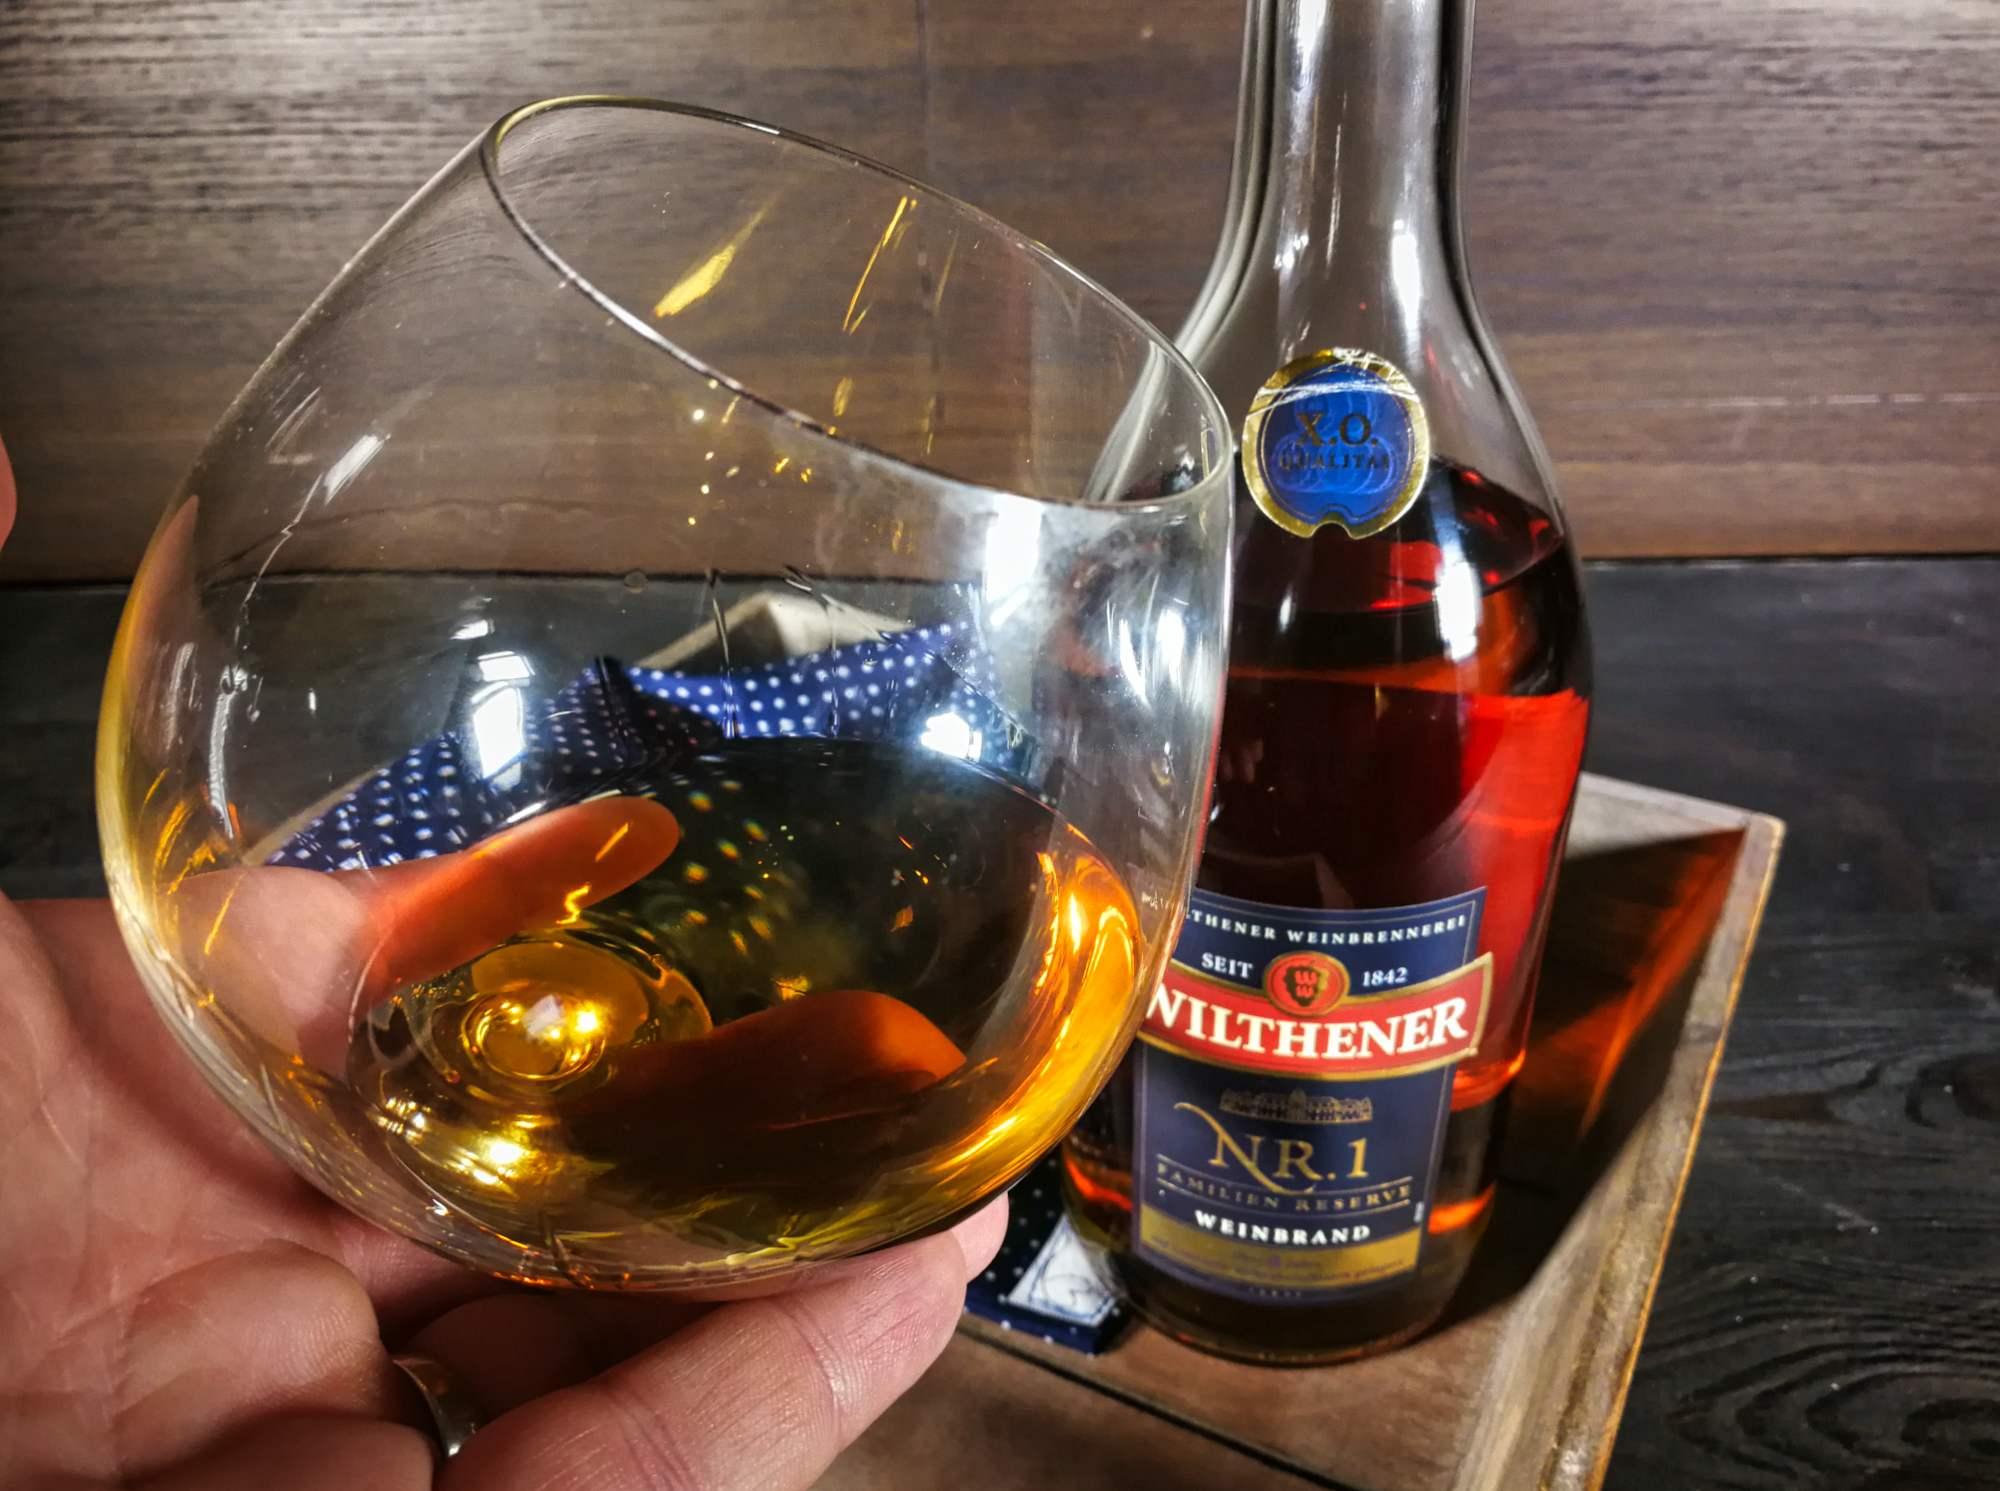 Wilthener Nr.1 Weinbrand